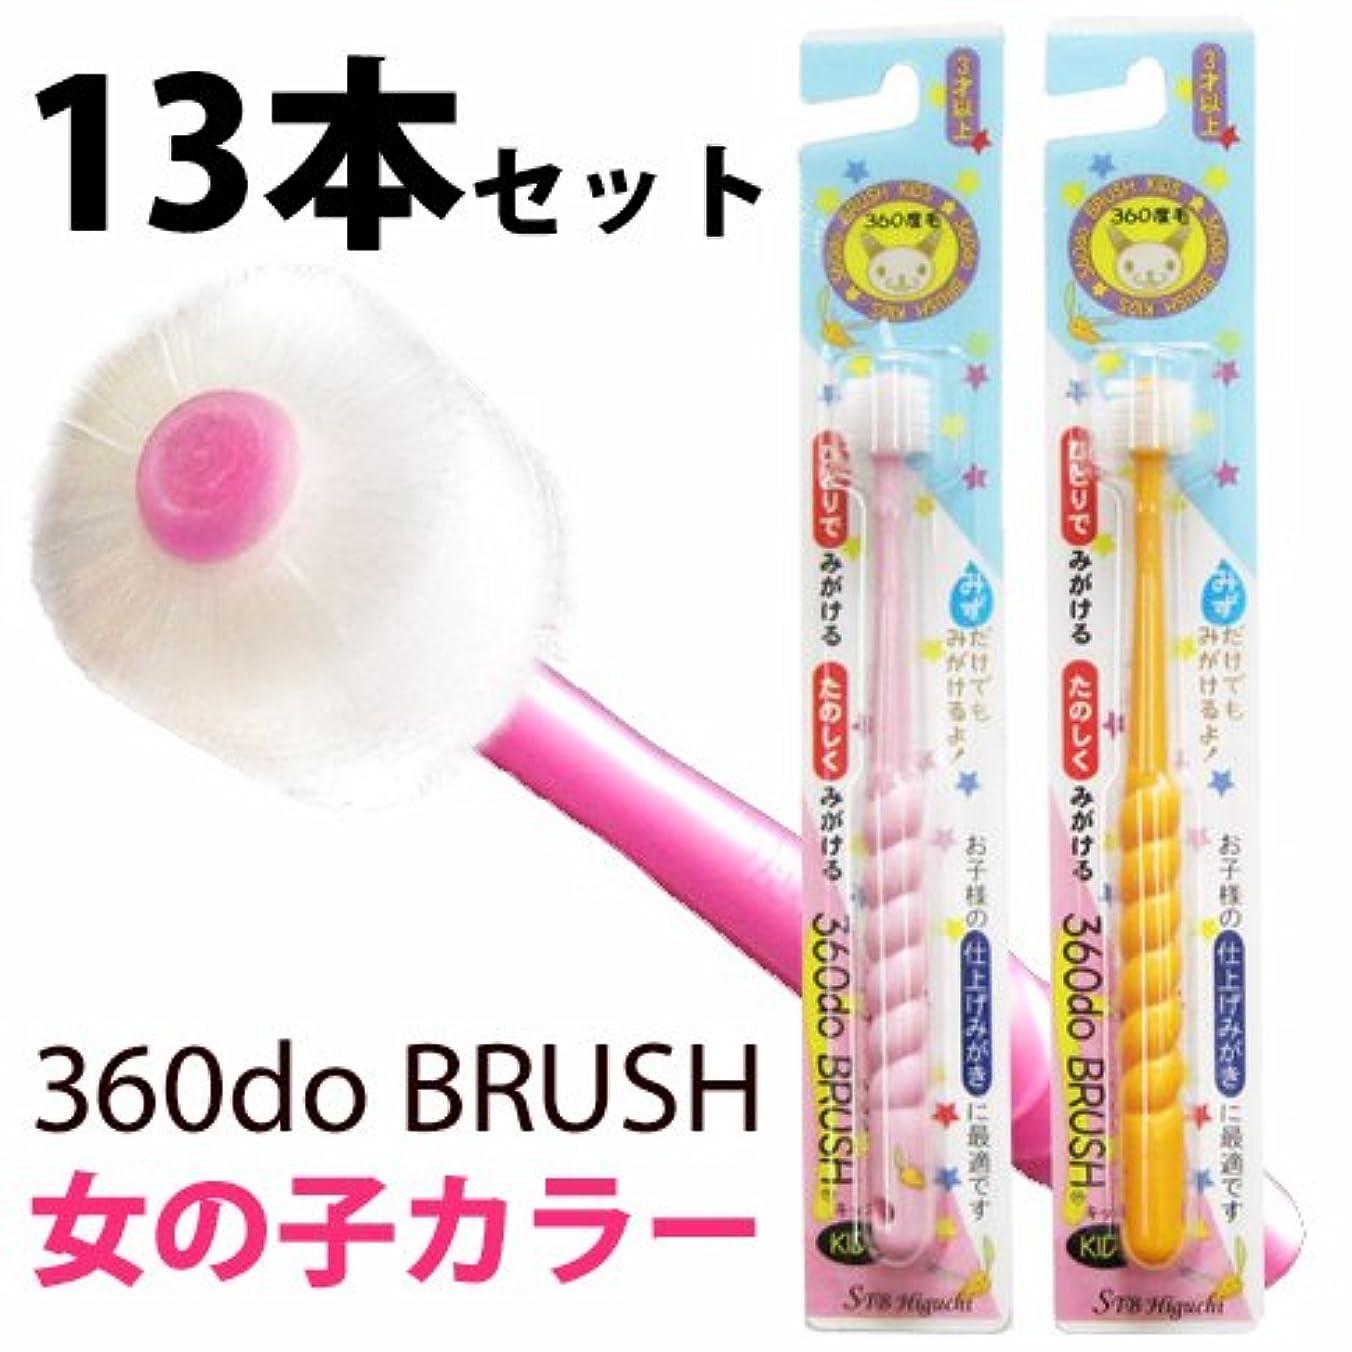 あそこ親愛な爪360do BRUSH 360度歯ブラシ キッズ 女の子用 13本セット